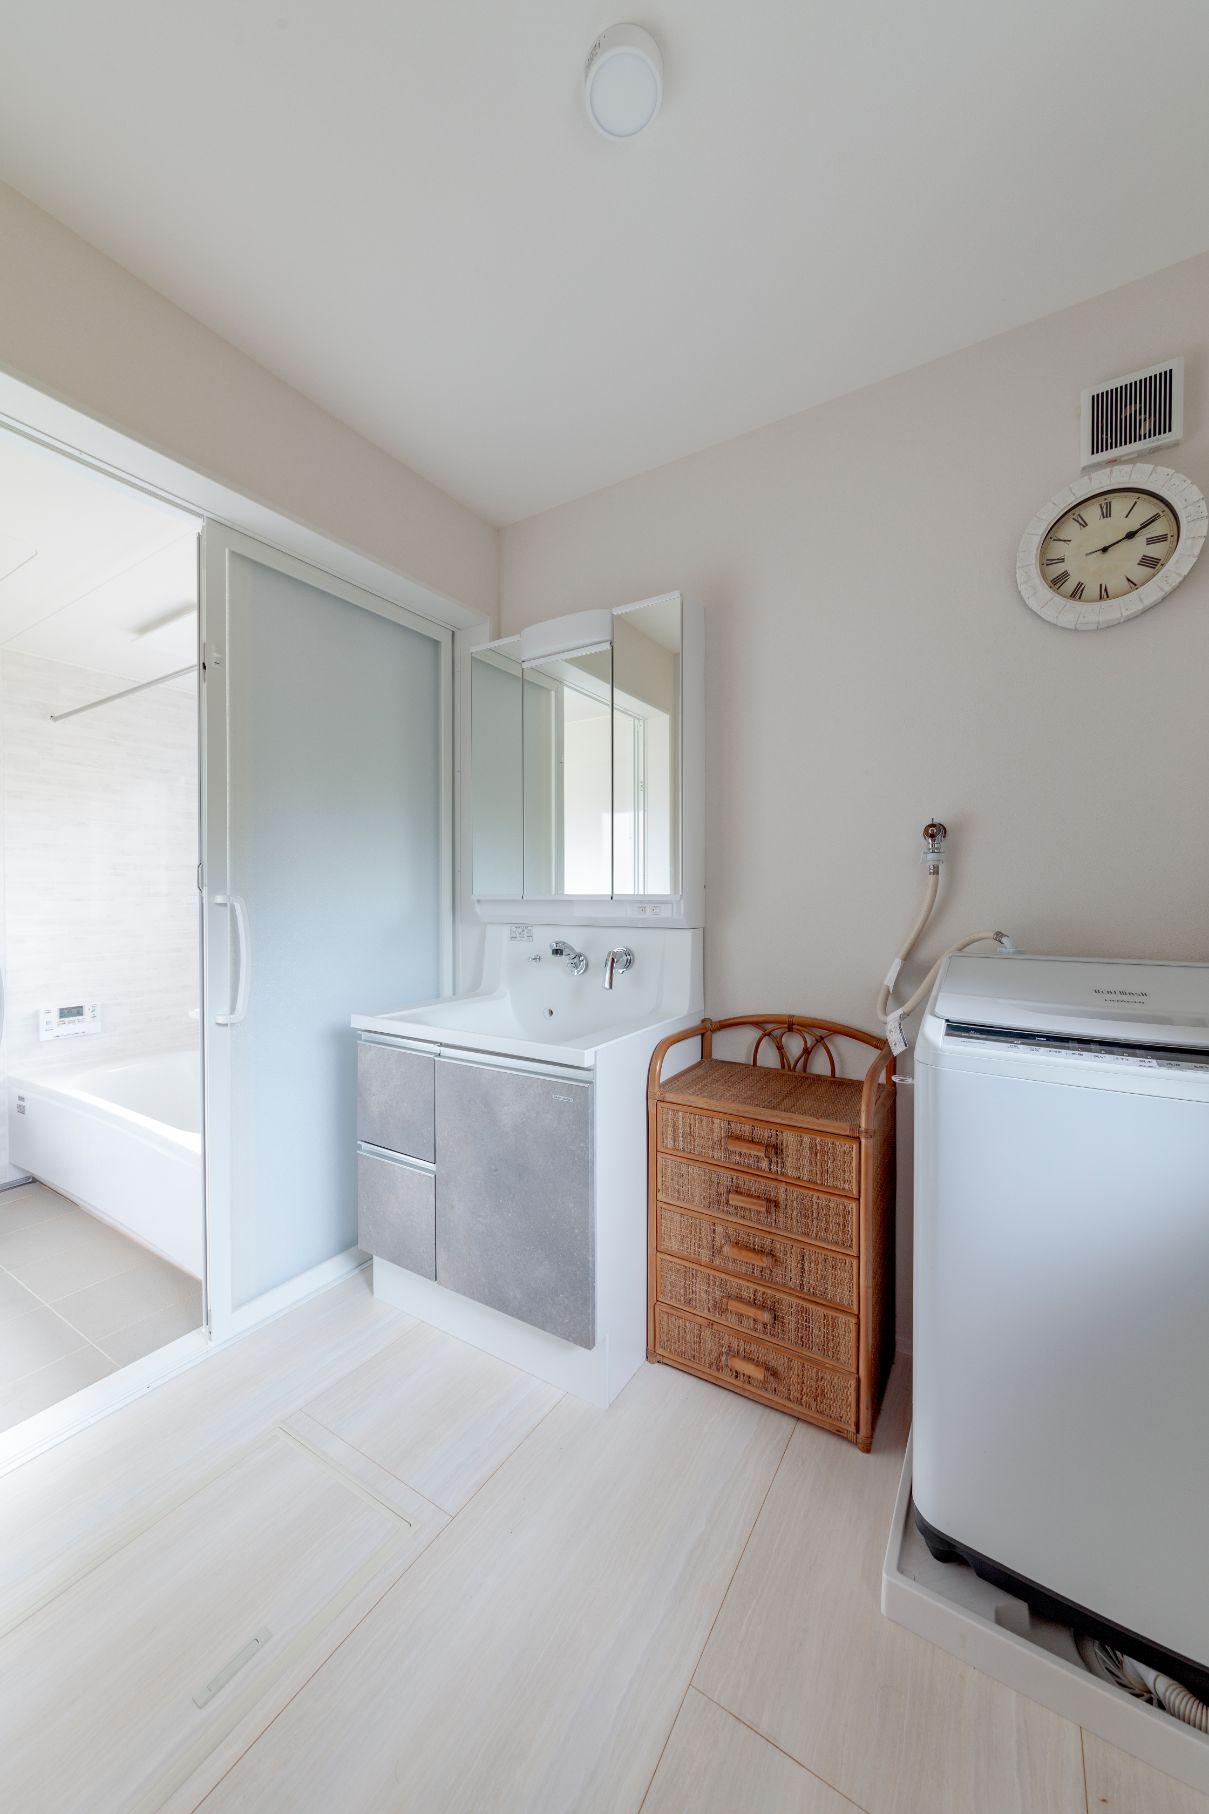 設備が古く、使い勝手も不便だった洗面室を一新。床は淡い木目調のサニタリーフロアを選択。